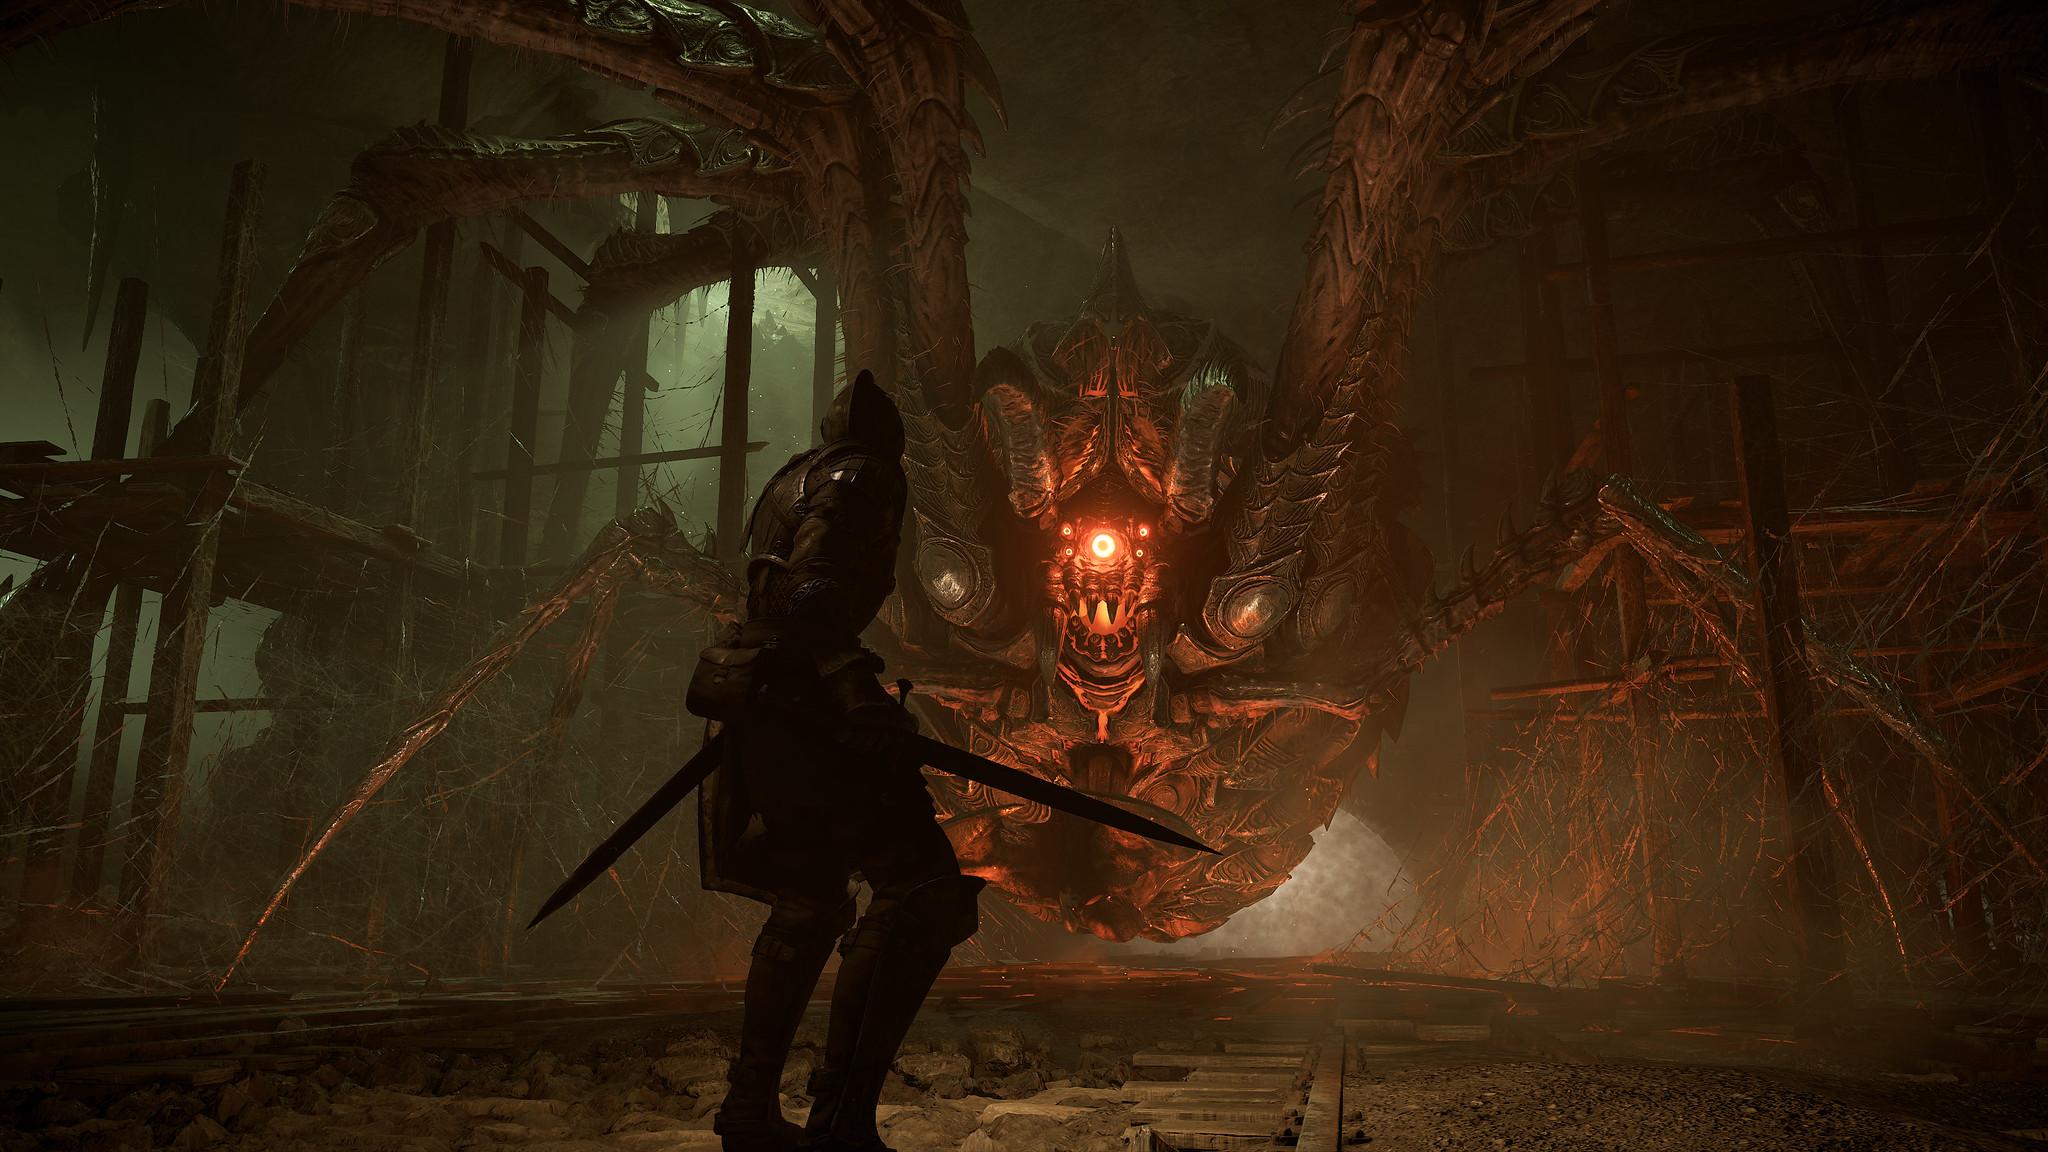 《恶魔之魂:重制版》新截图公开 全面性强化